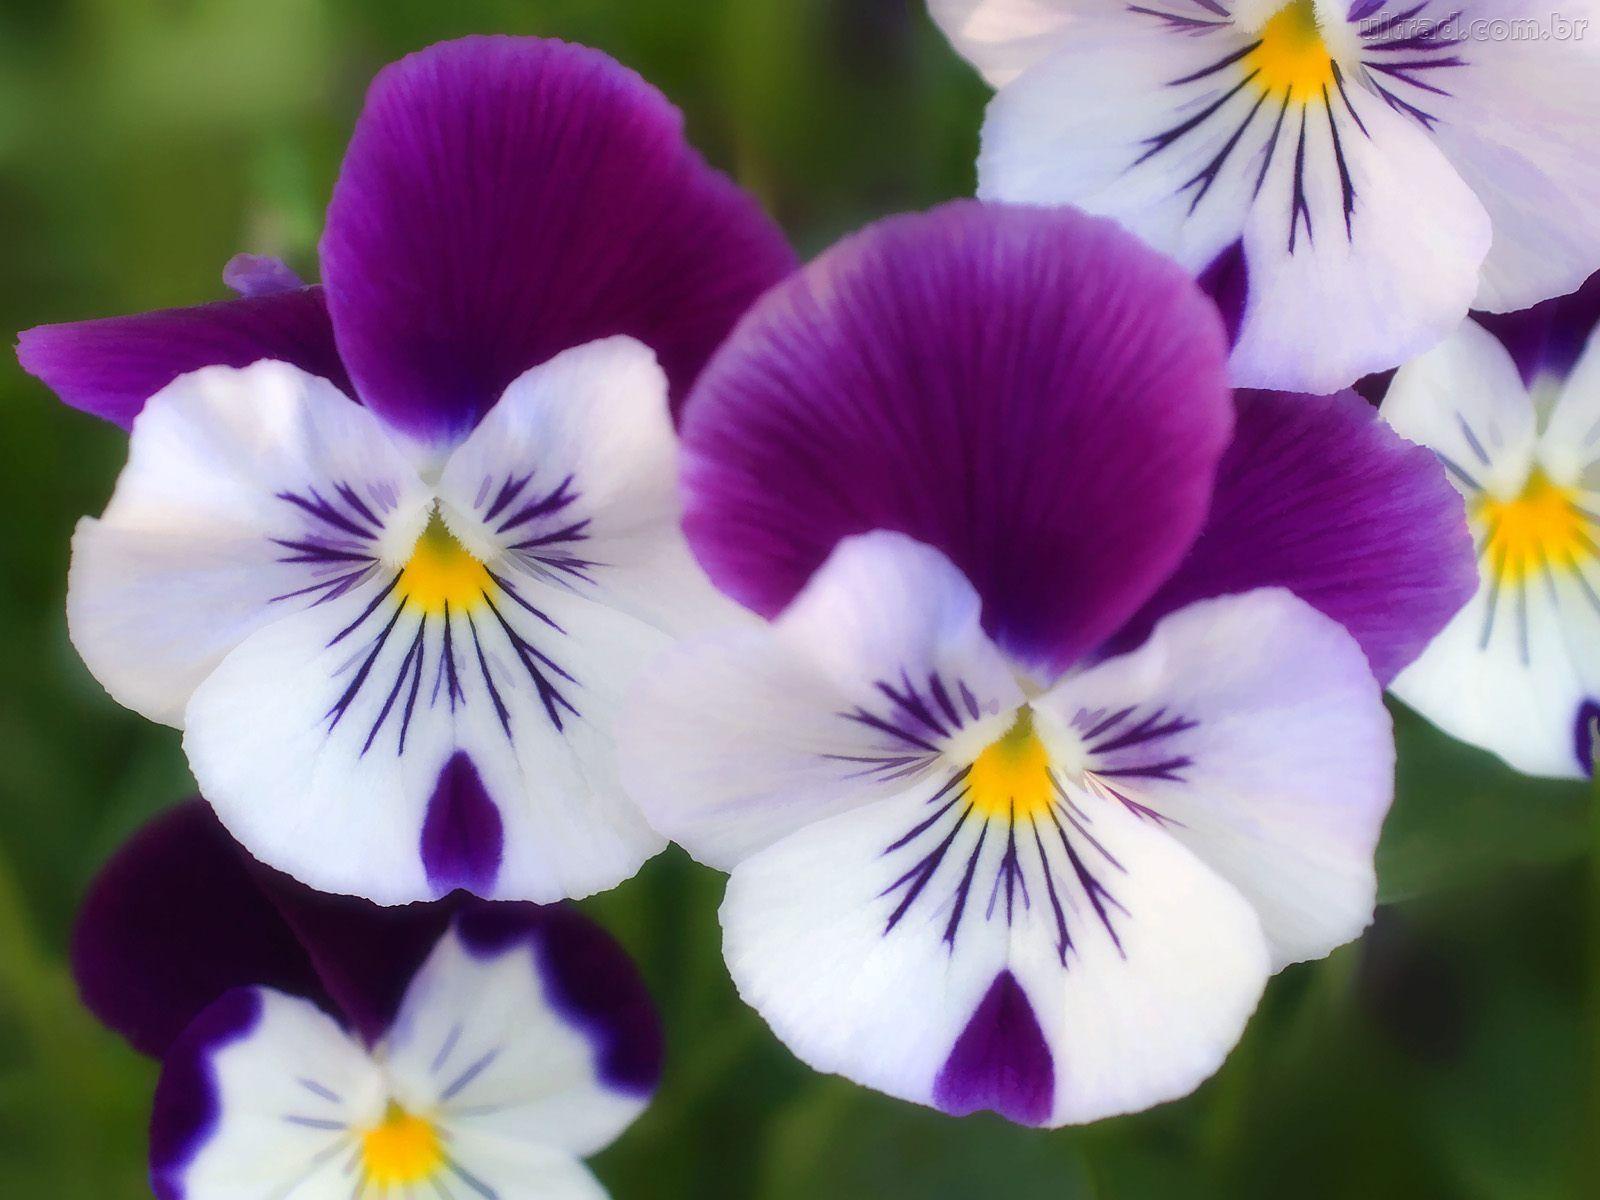 Conhecido flores - Pesquisa Google | flowers | Pinterest | Fotos de flores  DG65